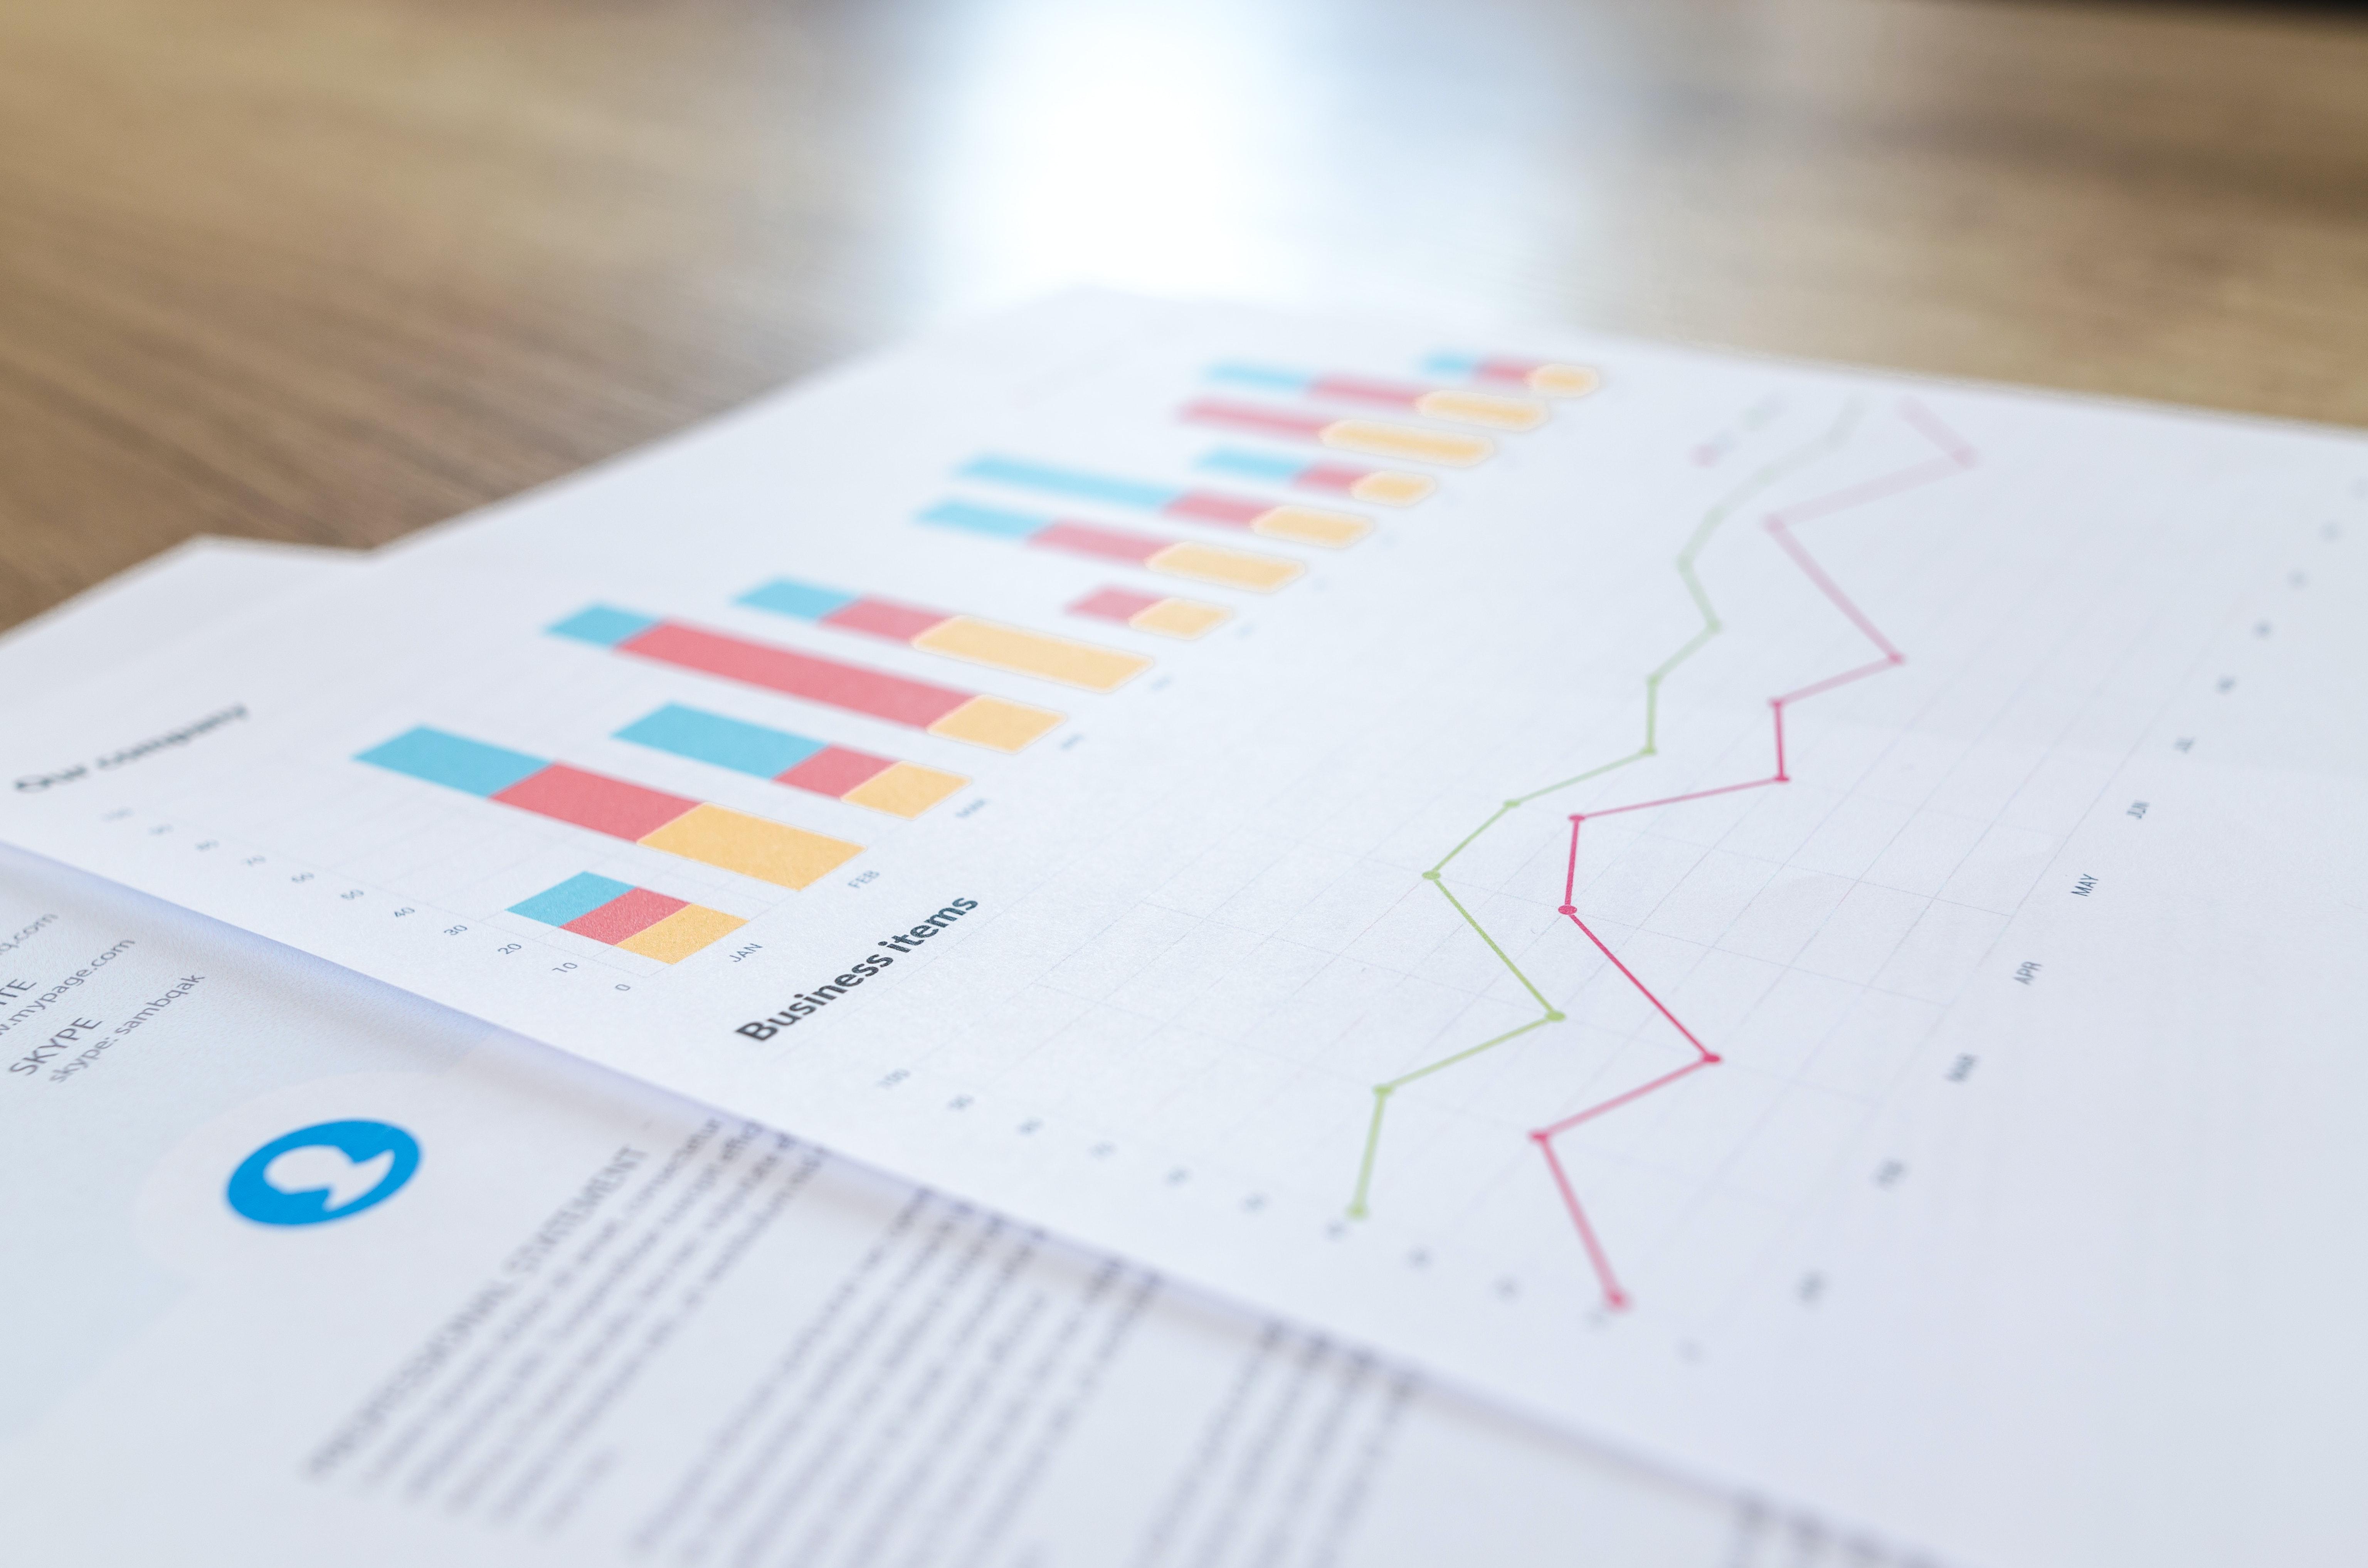 Una strategia data-driven può aiutarti a prendere decisioni migliori per il successo del tuo locale